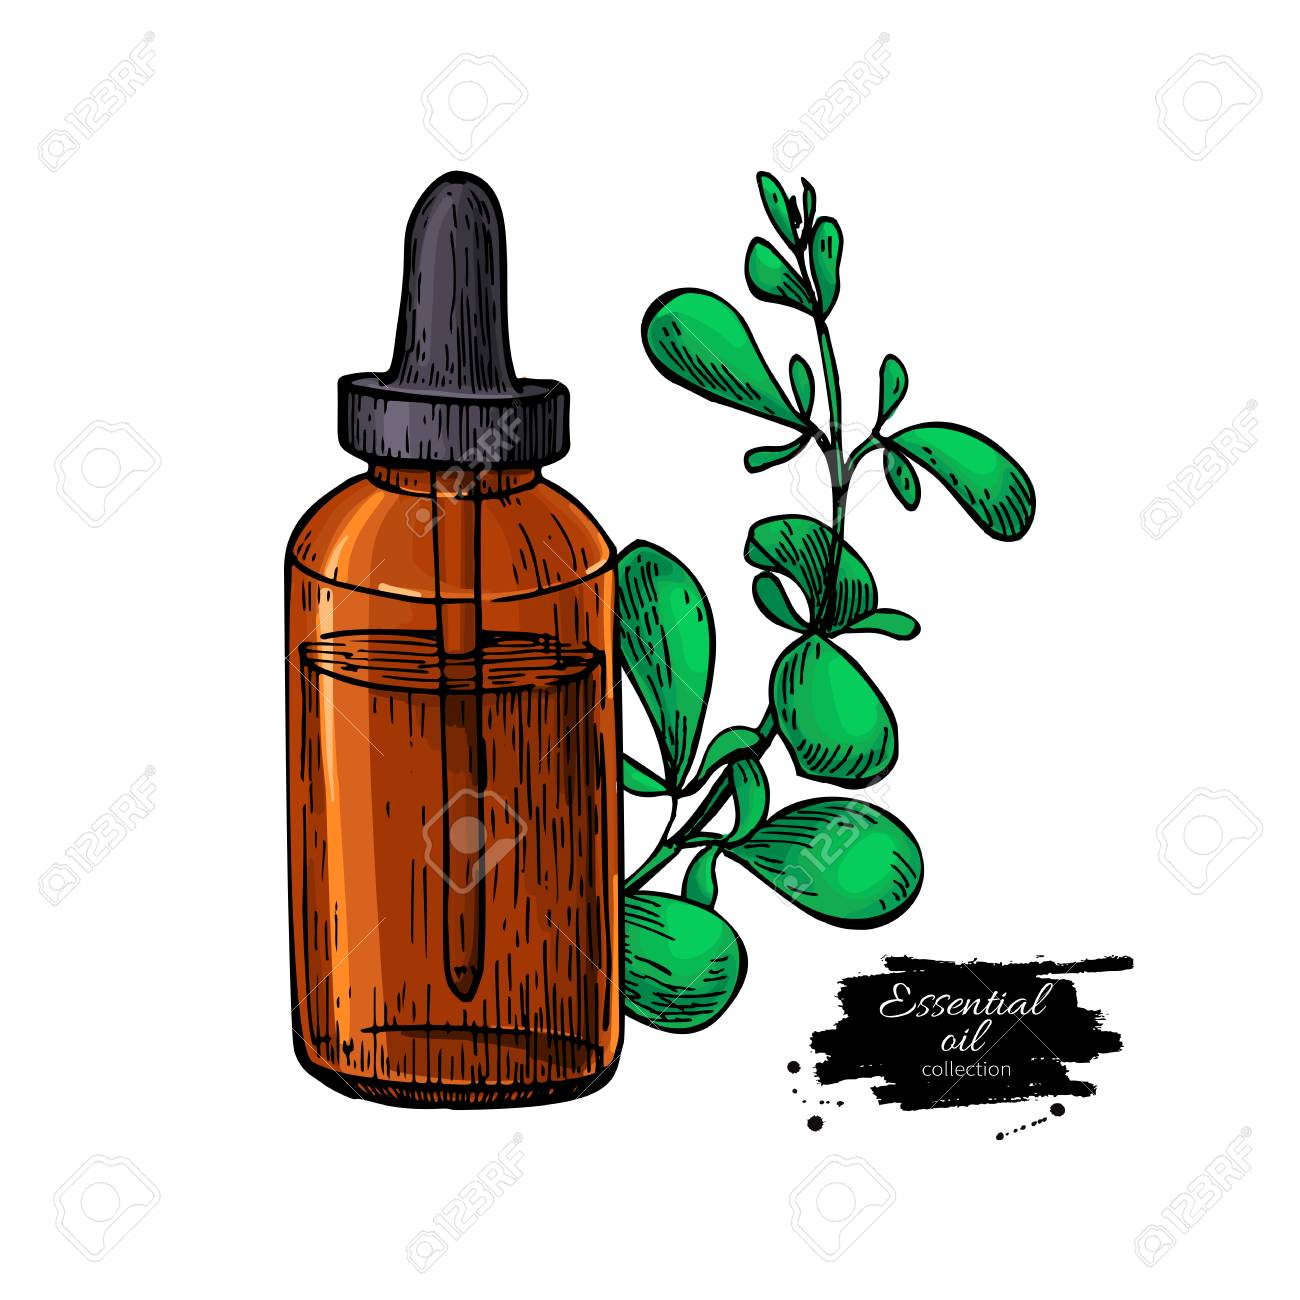 Marjoram essential oil bottle and marjoram leaves hand drawn...